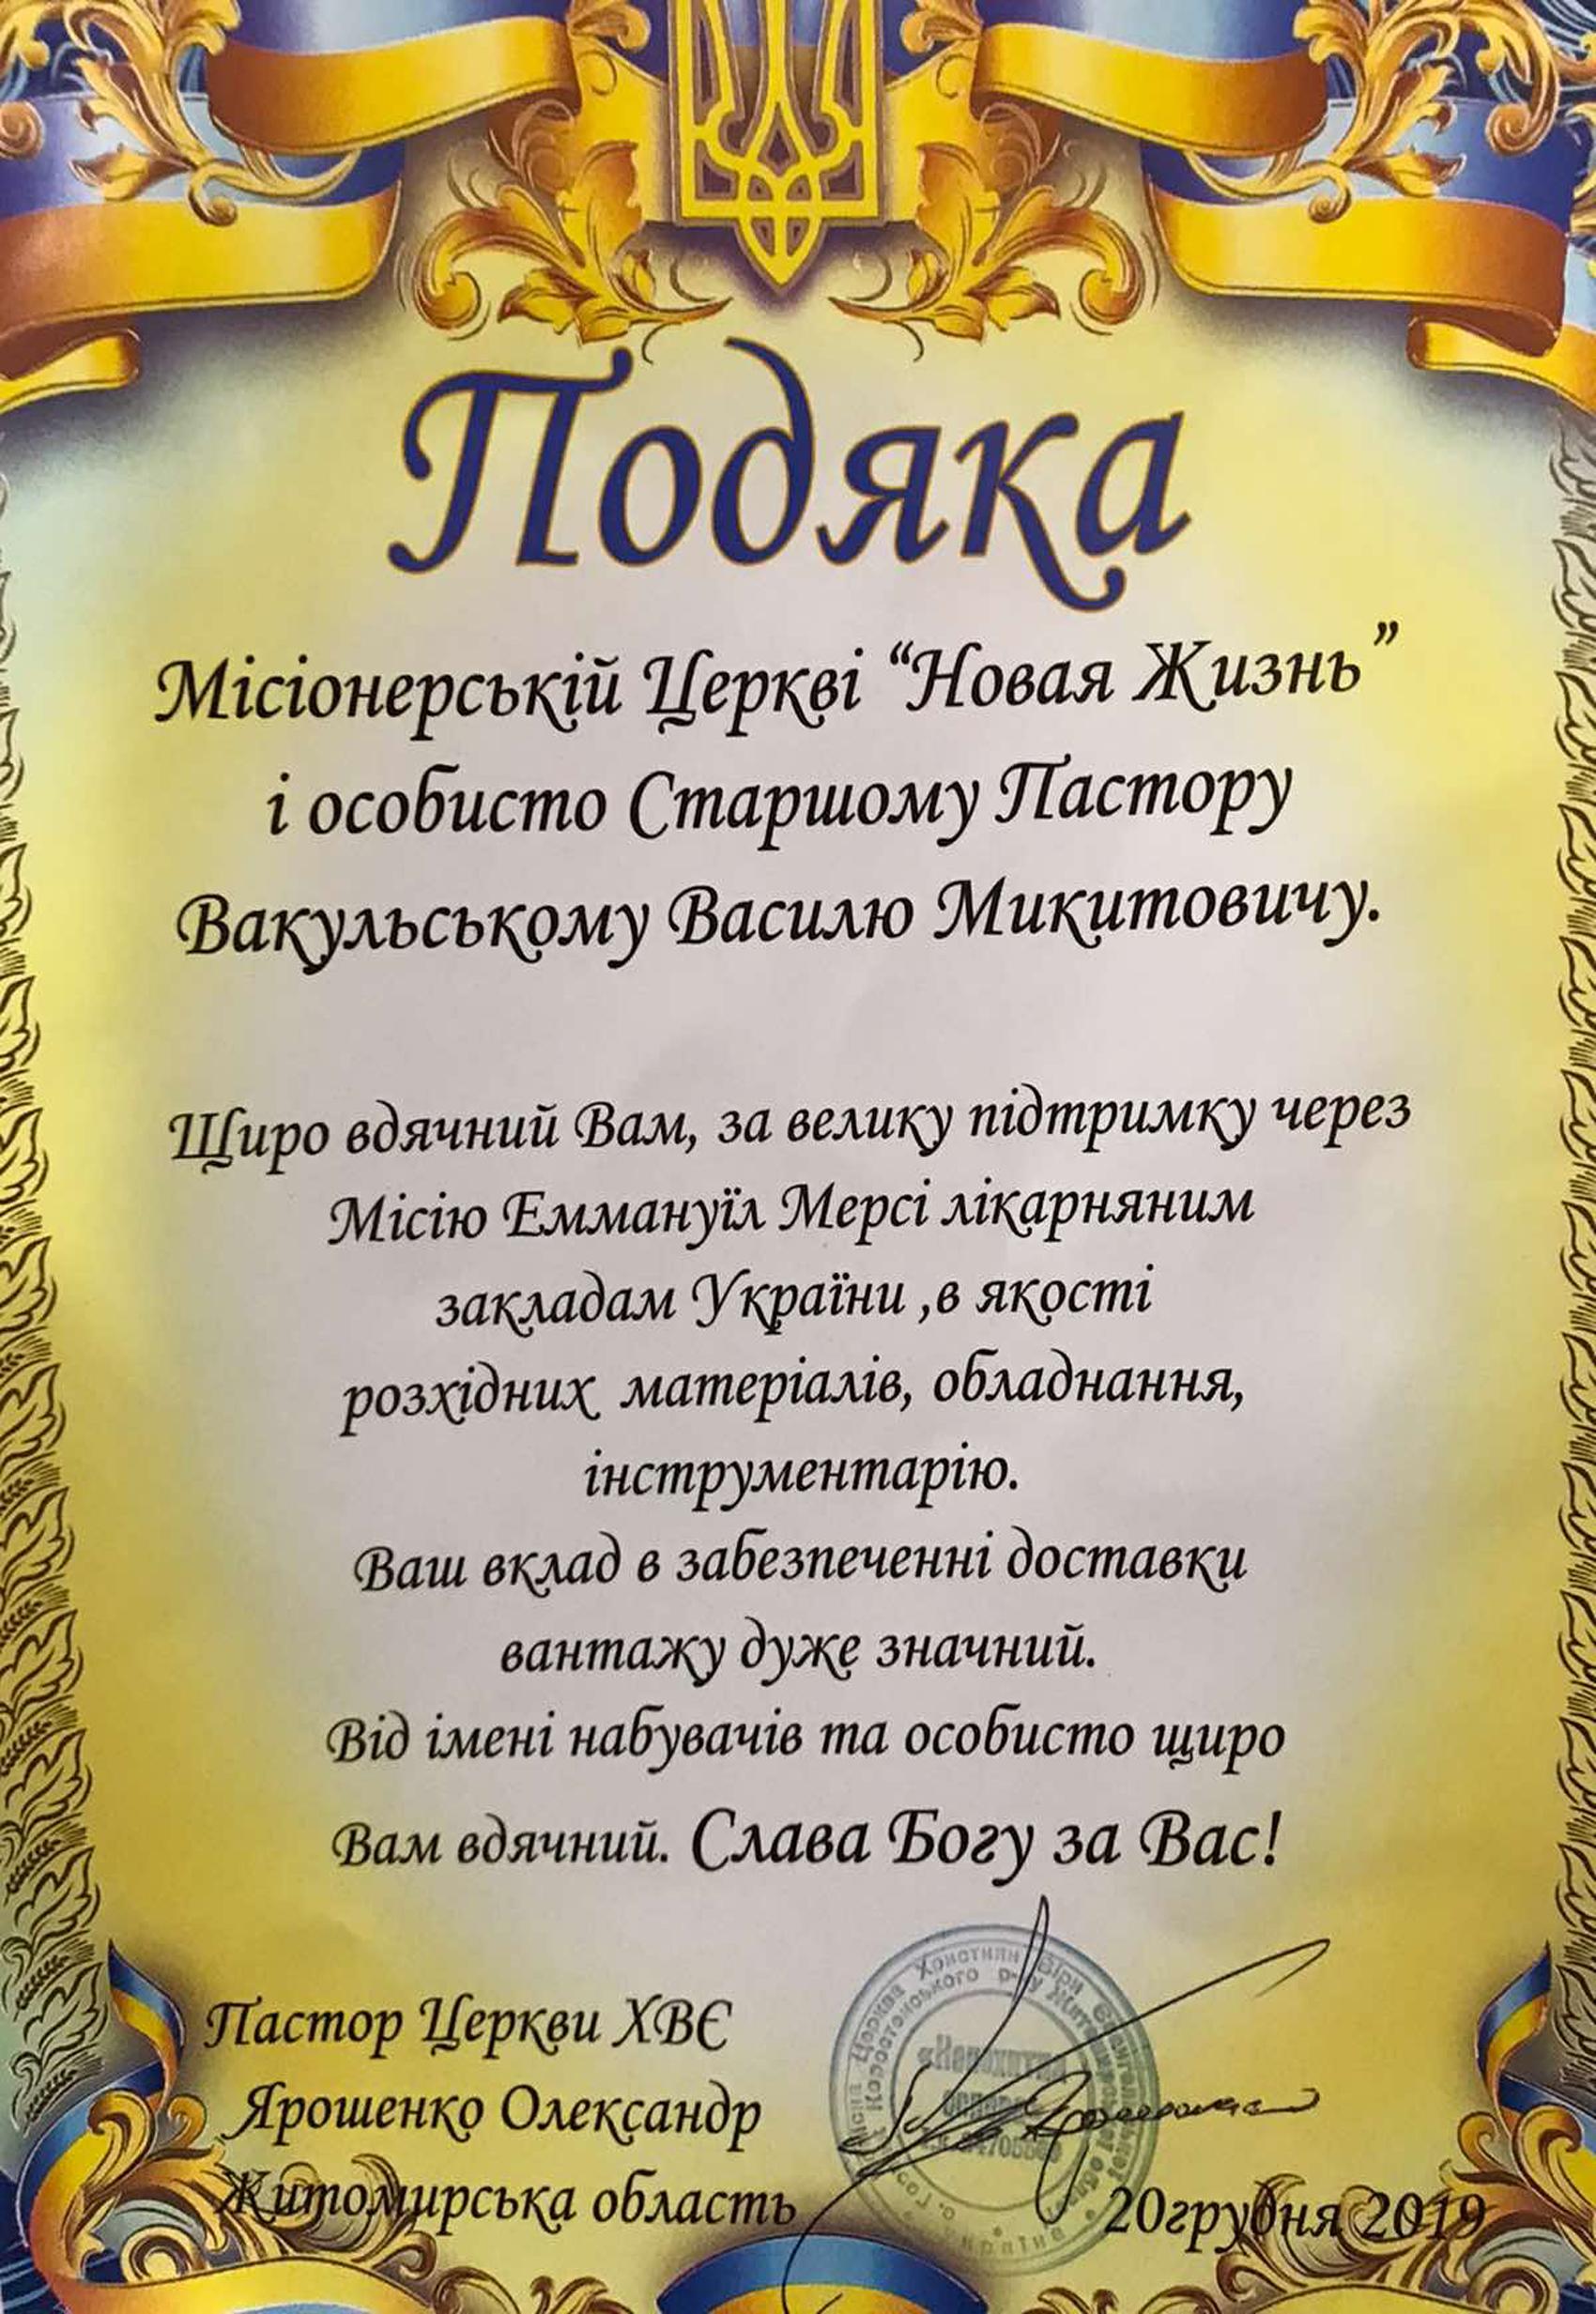 Cert-ukr-2019-10